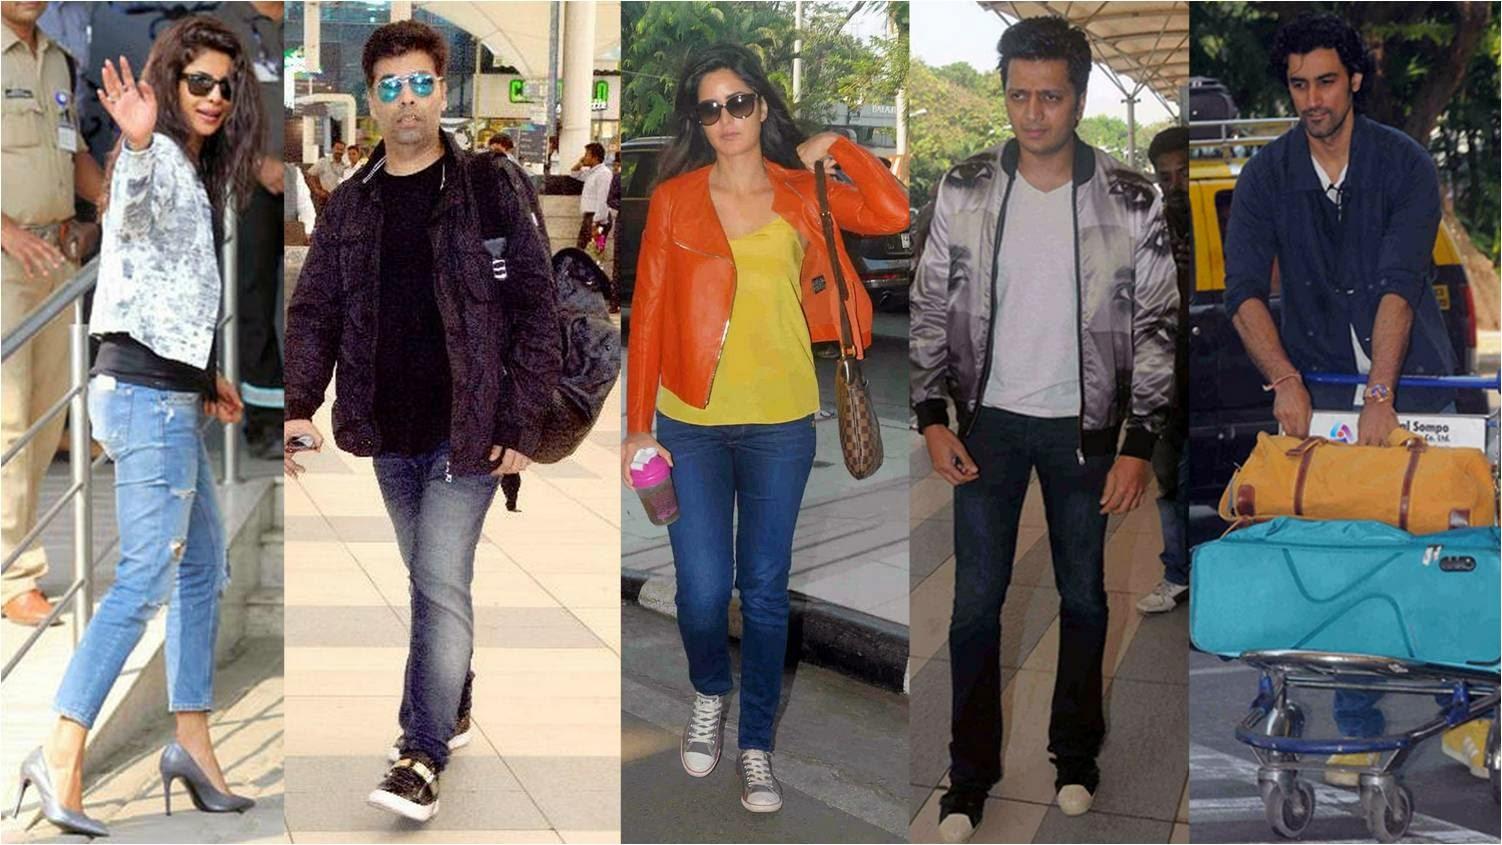 Priyanka Chopra, Karan Johar, Katrina, Ritesh Deshmukh, Kunal heading for Arpita Khan's wedding at Hyderabad